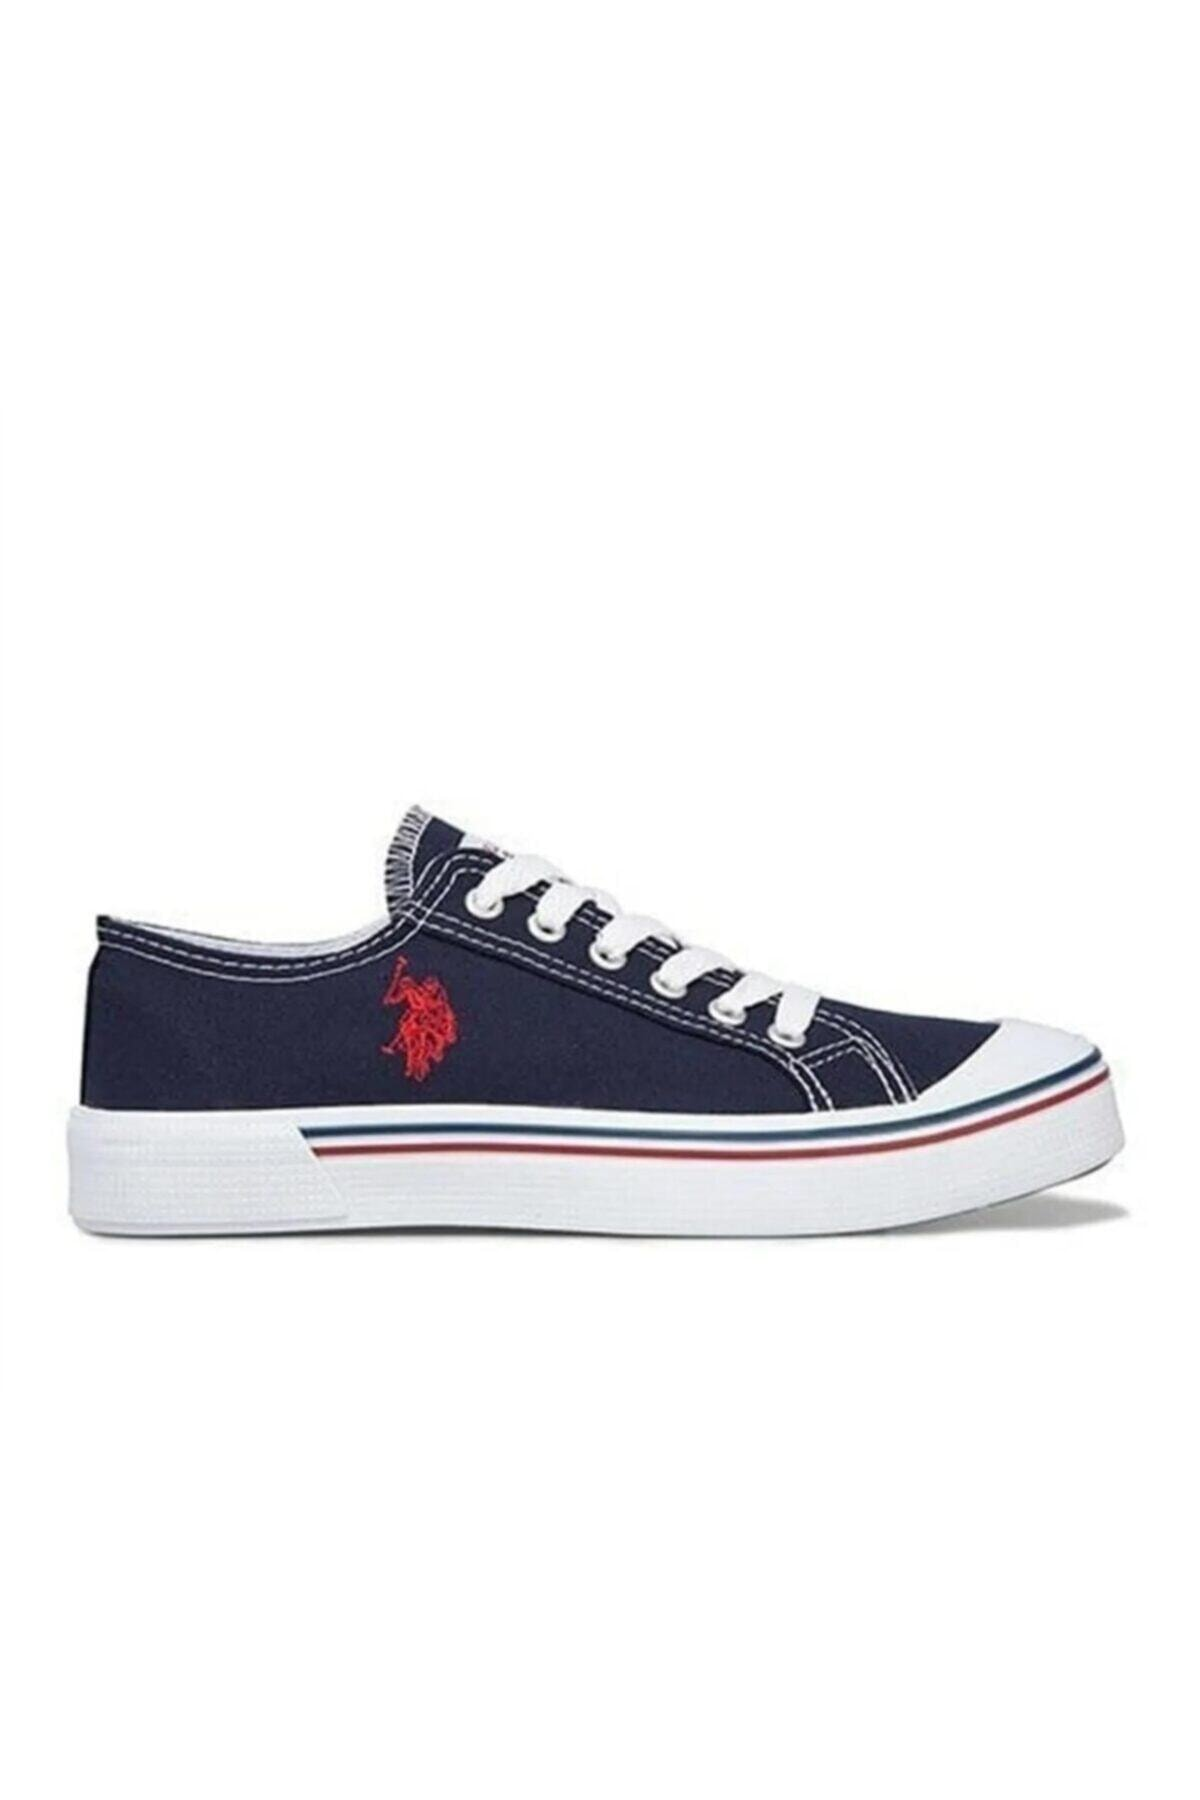 U.S. Polo Assn. PENELOPE Lacivert Kadın Sneaker 100249231 1